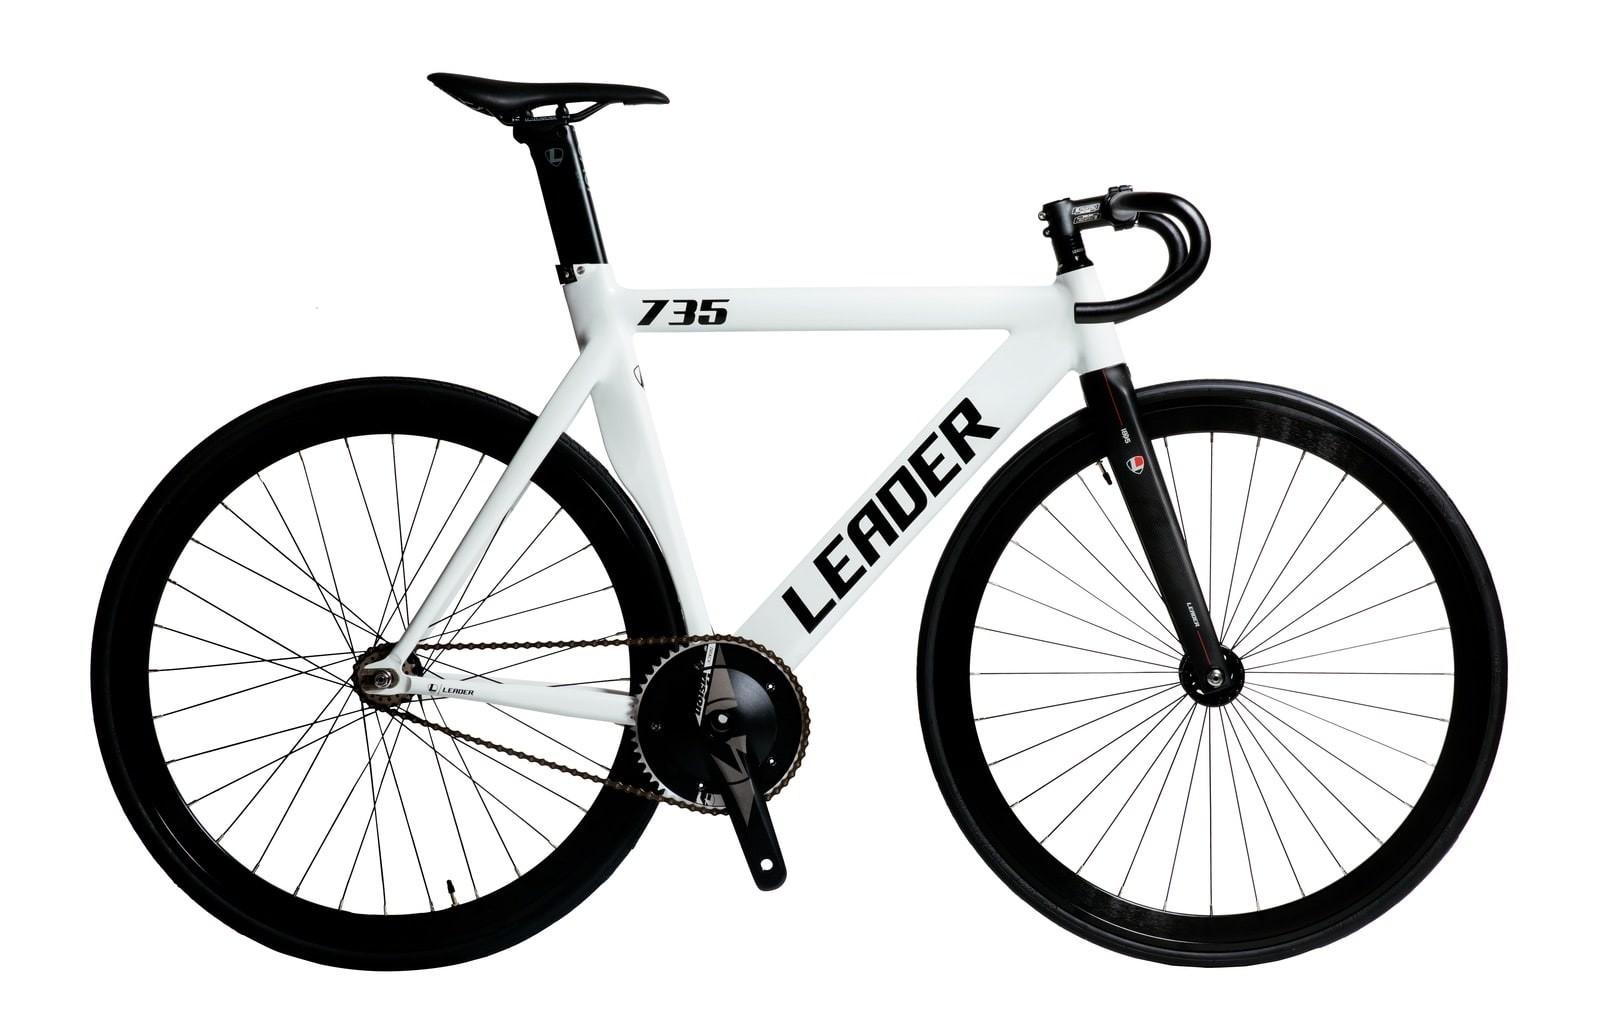 ピストバイク 完成車 LEADER BIKES 735TR COMPLETE BIKE WHITE リーダー バイク 735TR コンプリートバイク ホワイト